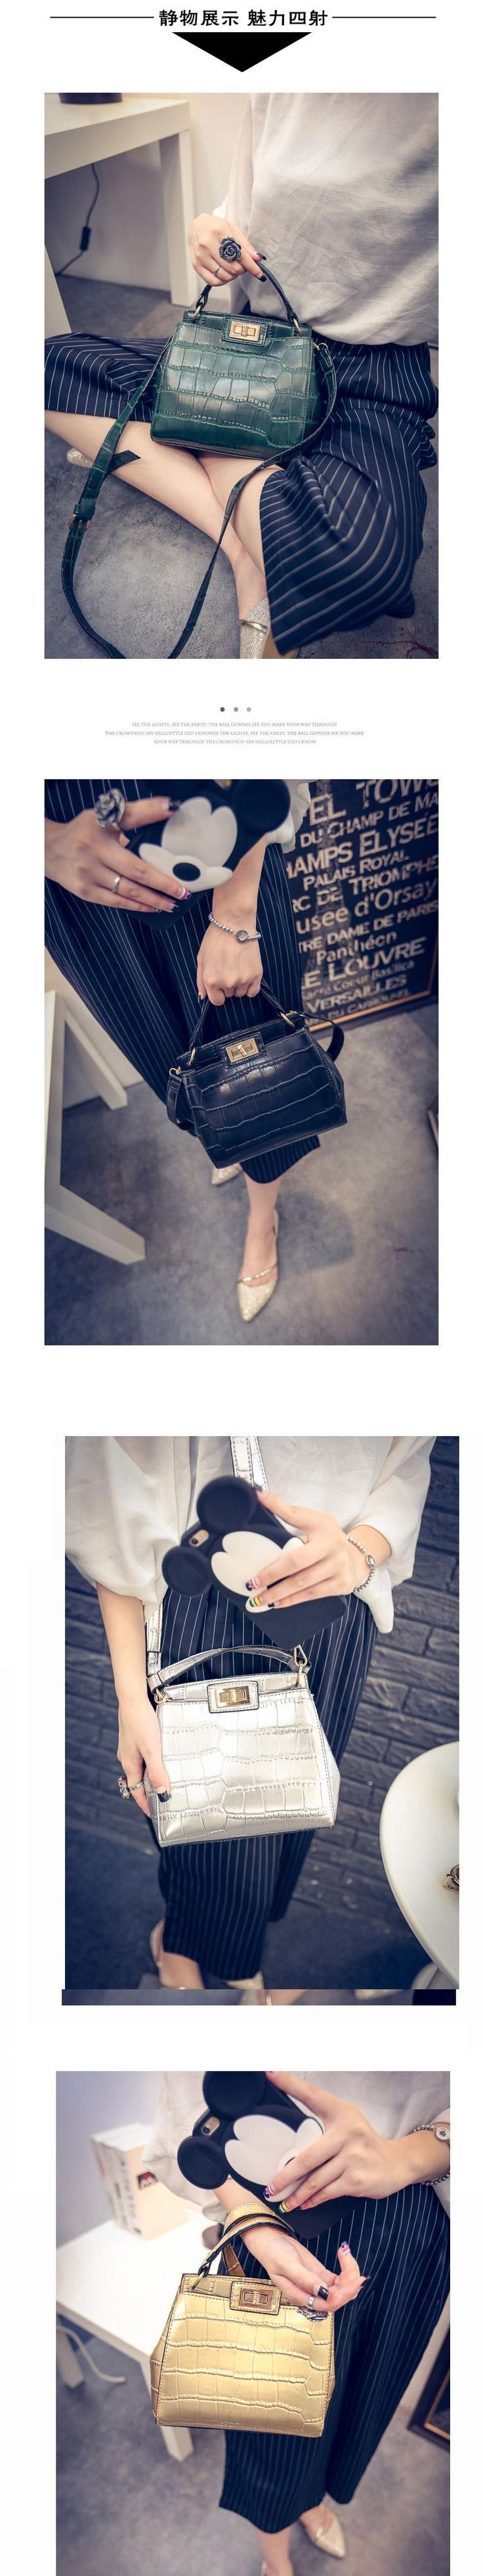 Crossbody сумки для женщин Новых Корейских женщин сумка из кожи крокодила мини кошка сумка сумки sac главная femme de марка купить на AliExpress